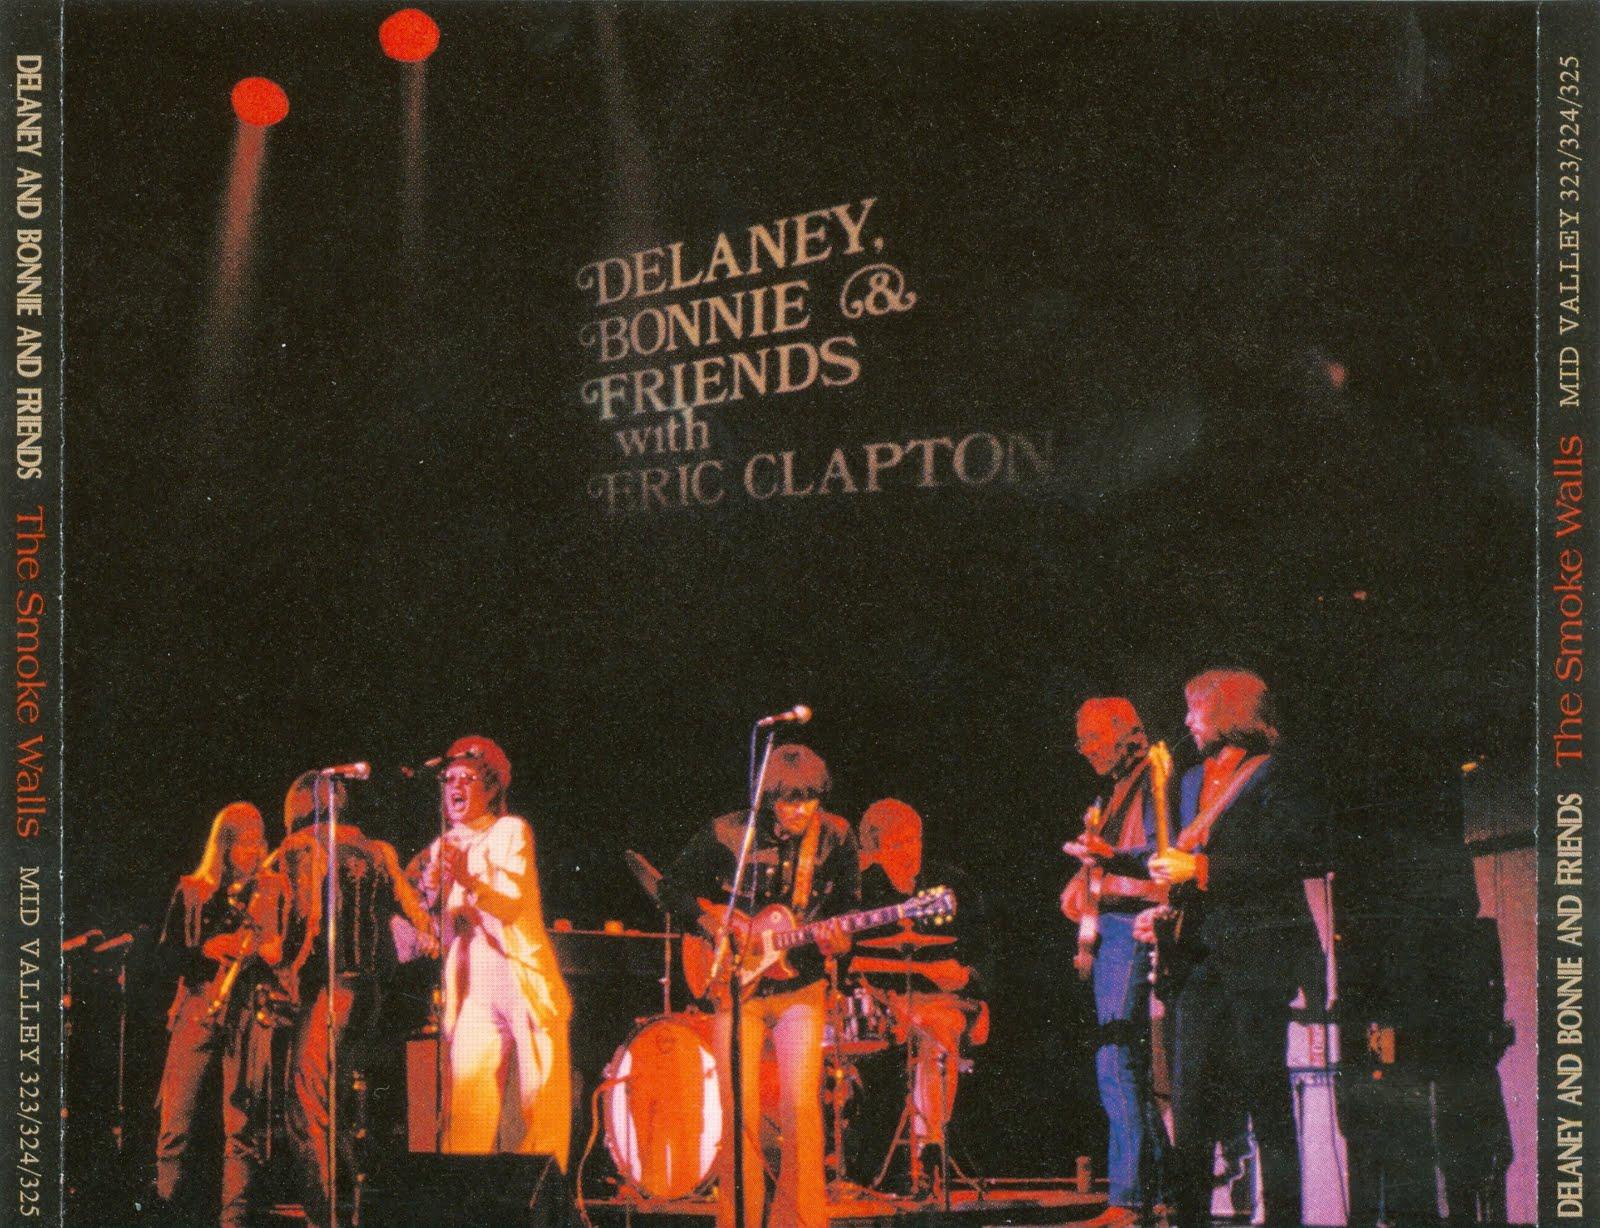 Delaney & Bonnie & Friends - Página 4 Front%2Bout